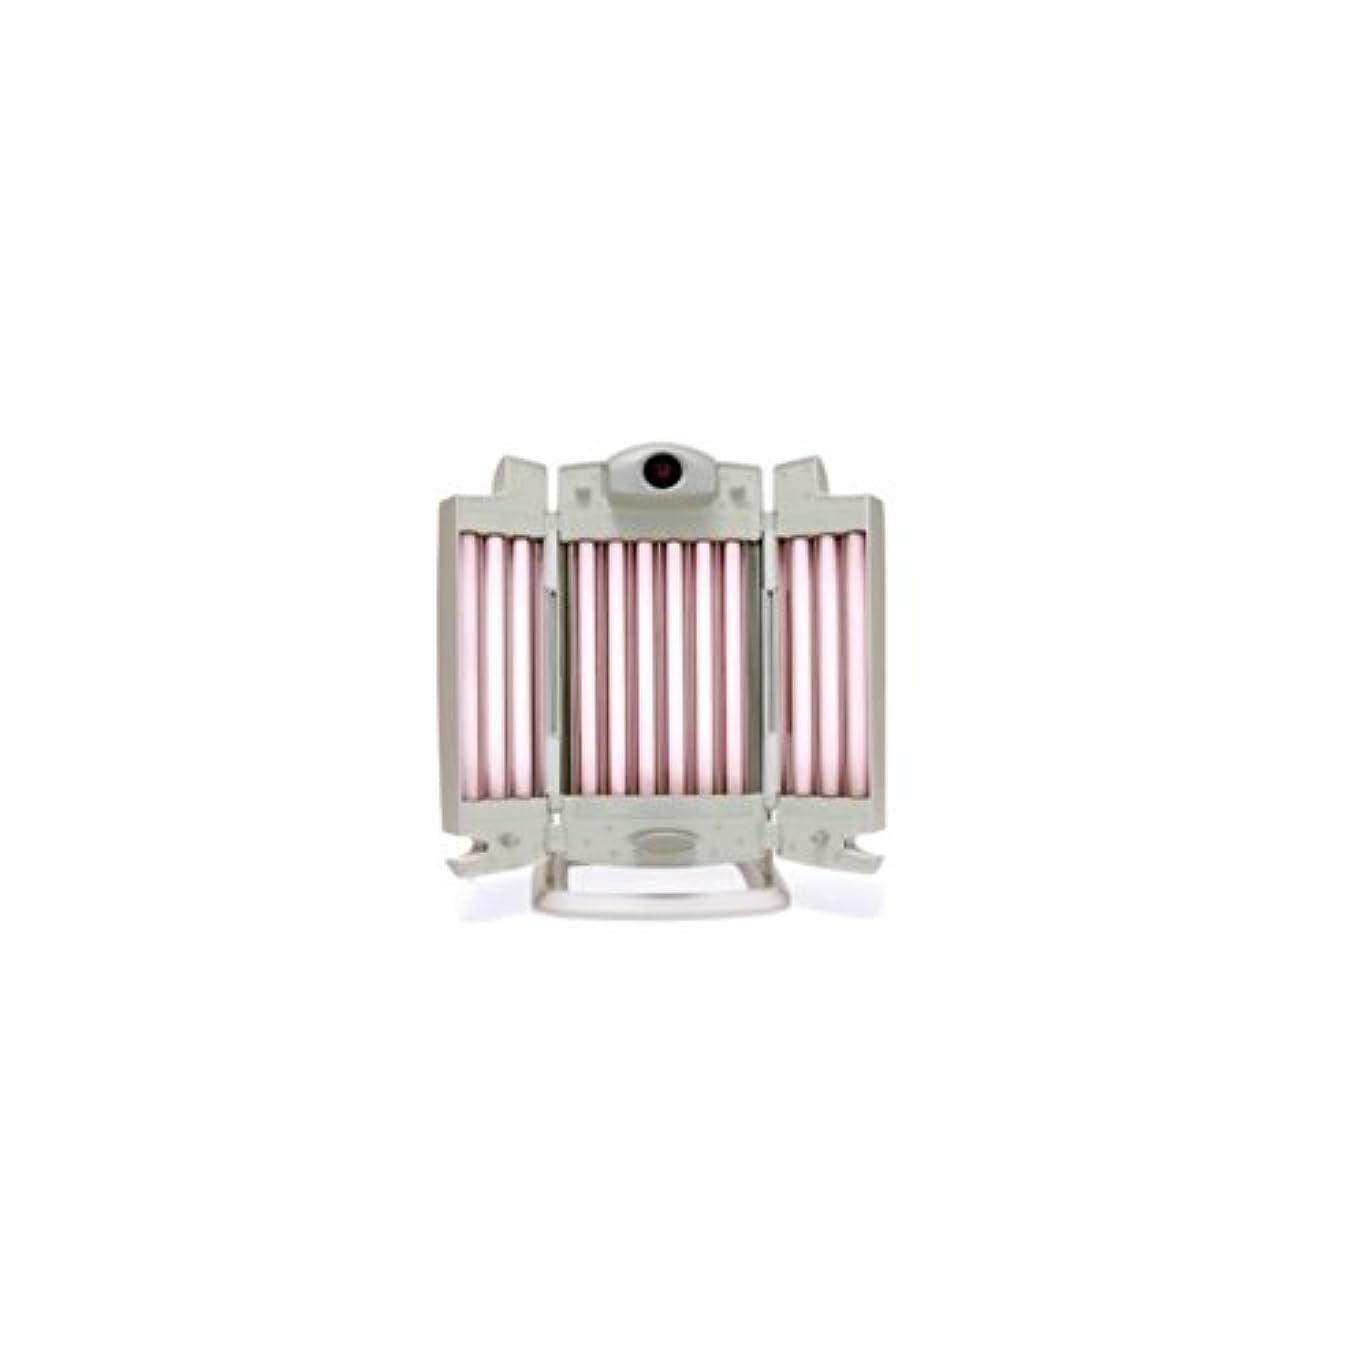 ナイトスポットレパートリー静めるBaby's Colla Beauty Light Type FACIAL(ベビーズコラ ビューティーライト フェイシャルタイプ)